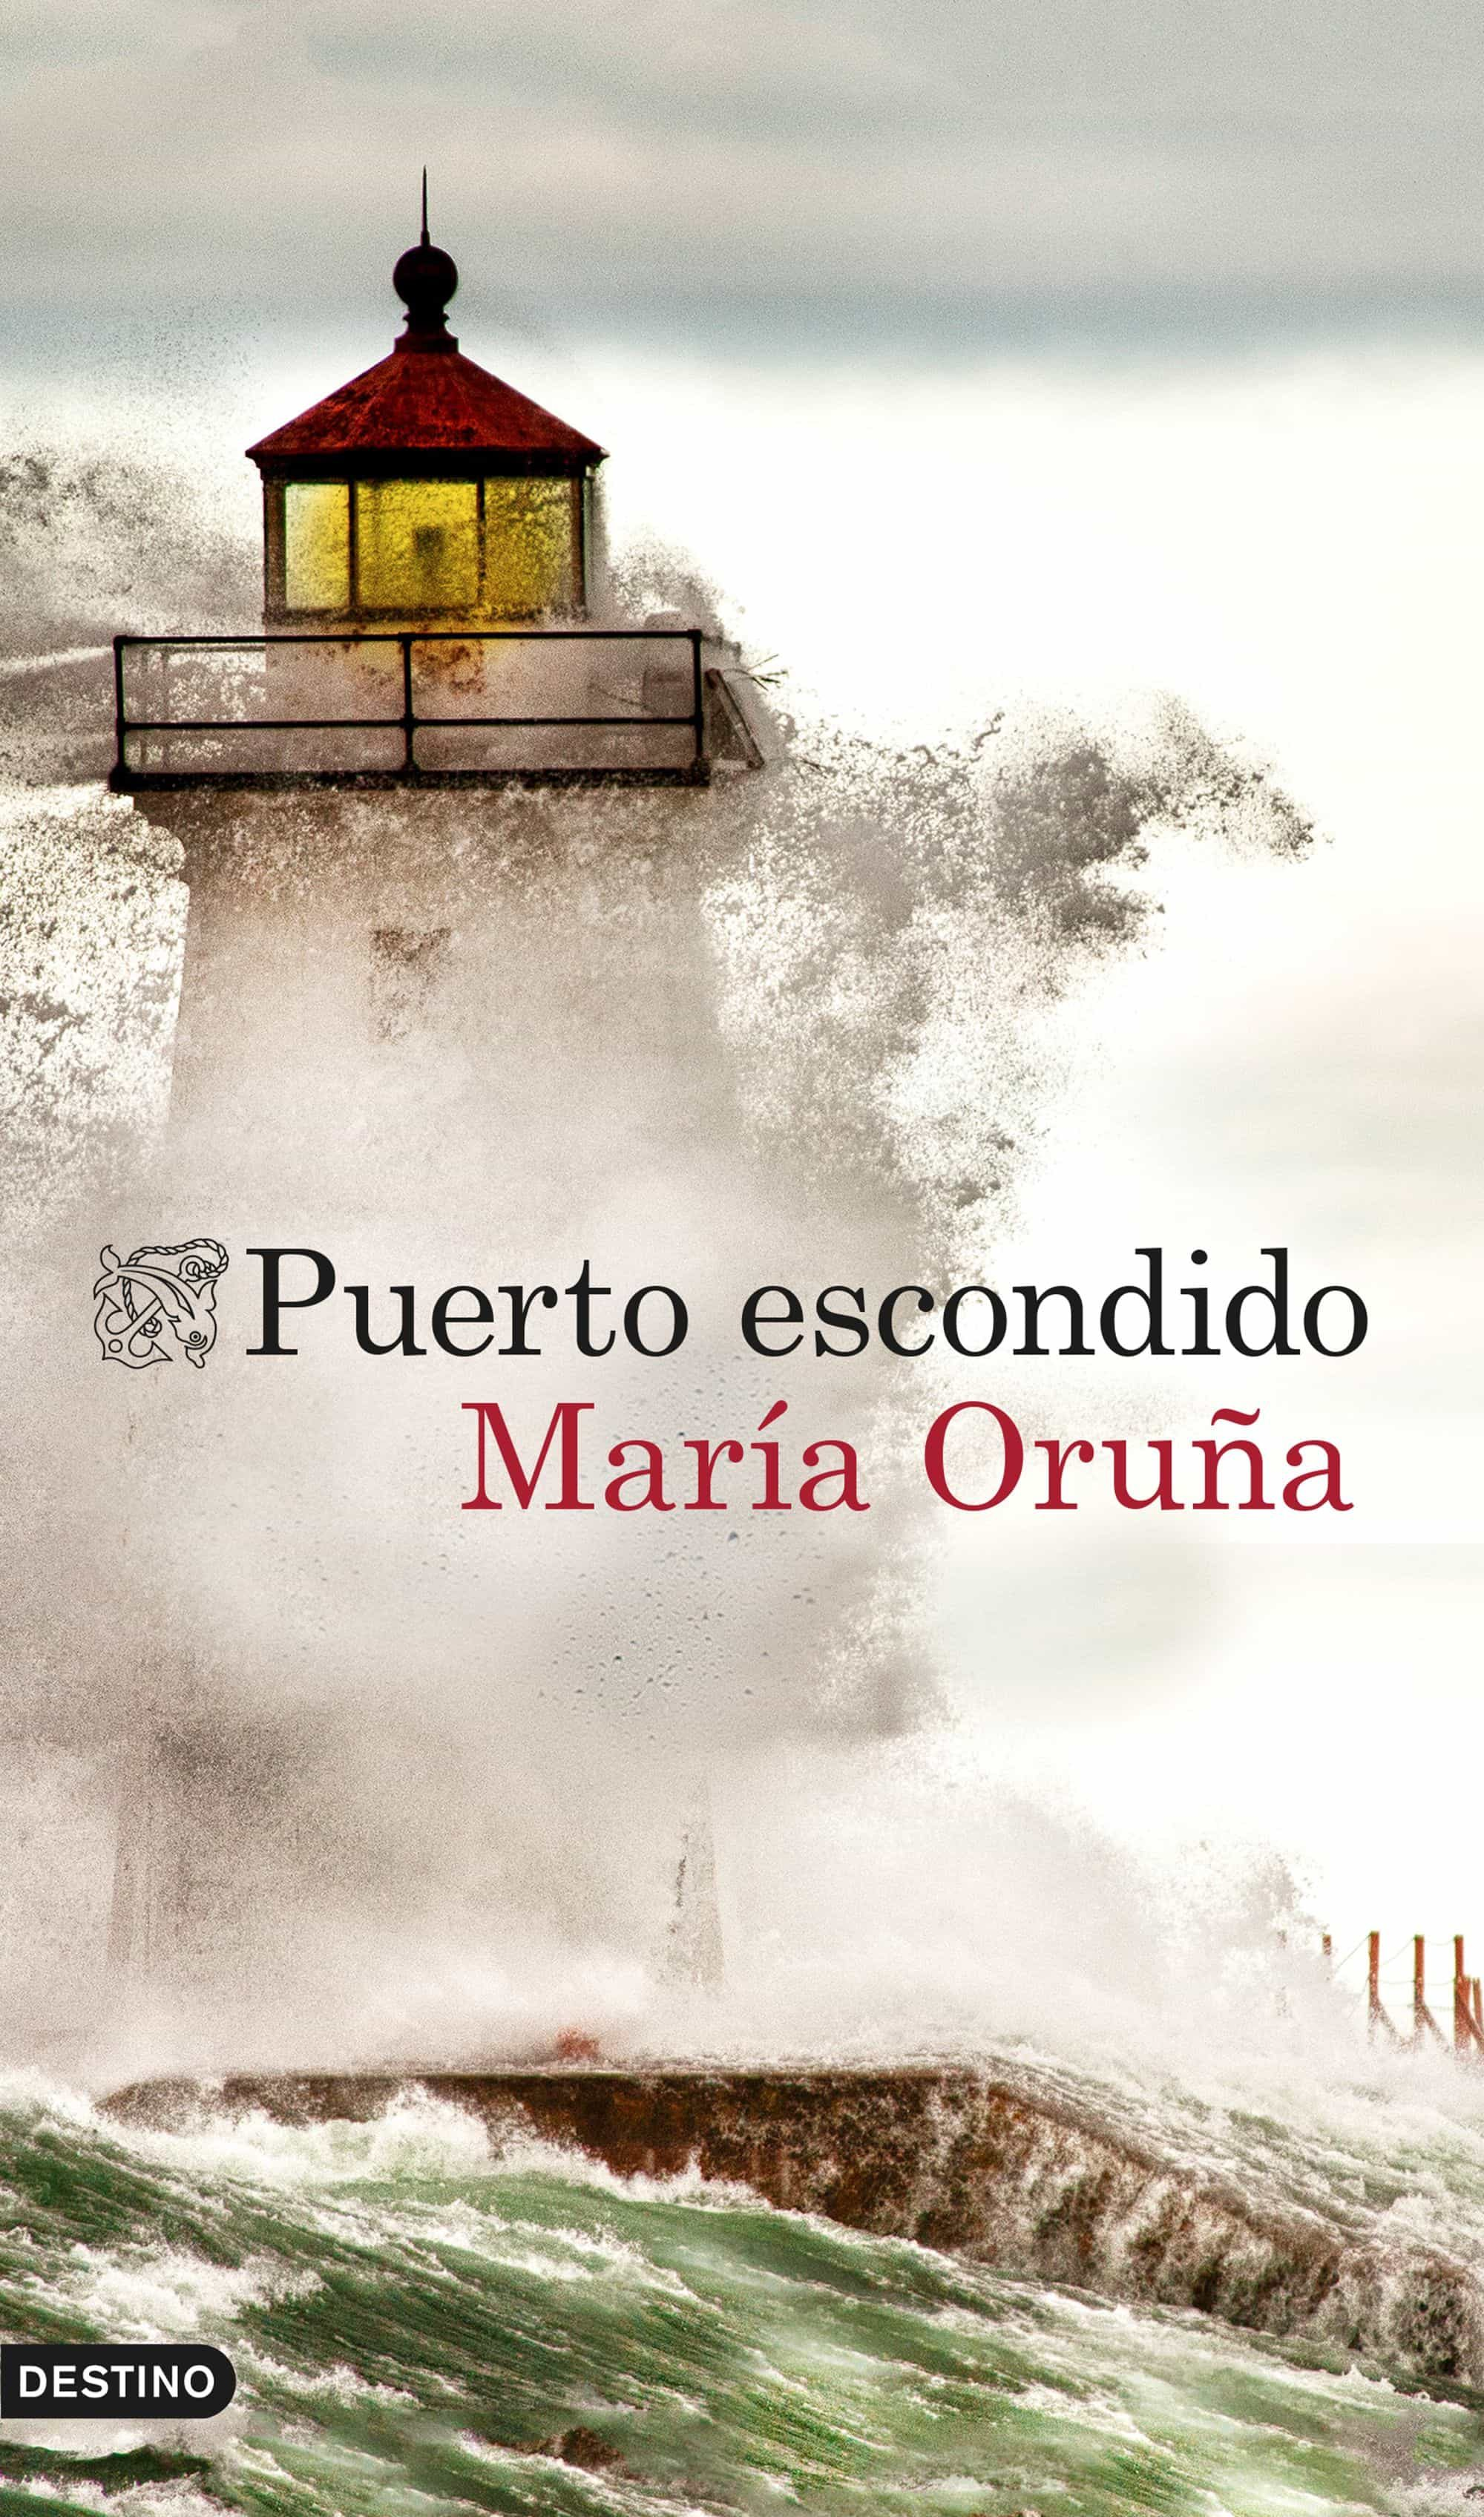 Puerto escondido - María Oruña (Puerto Escondido, 1) 9788423349524